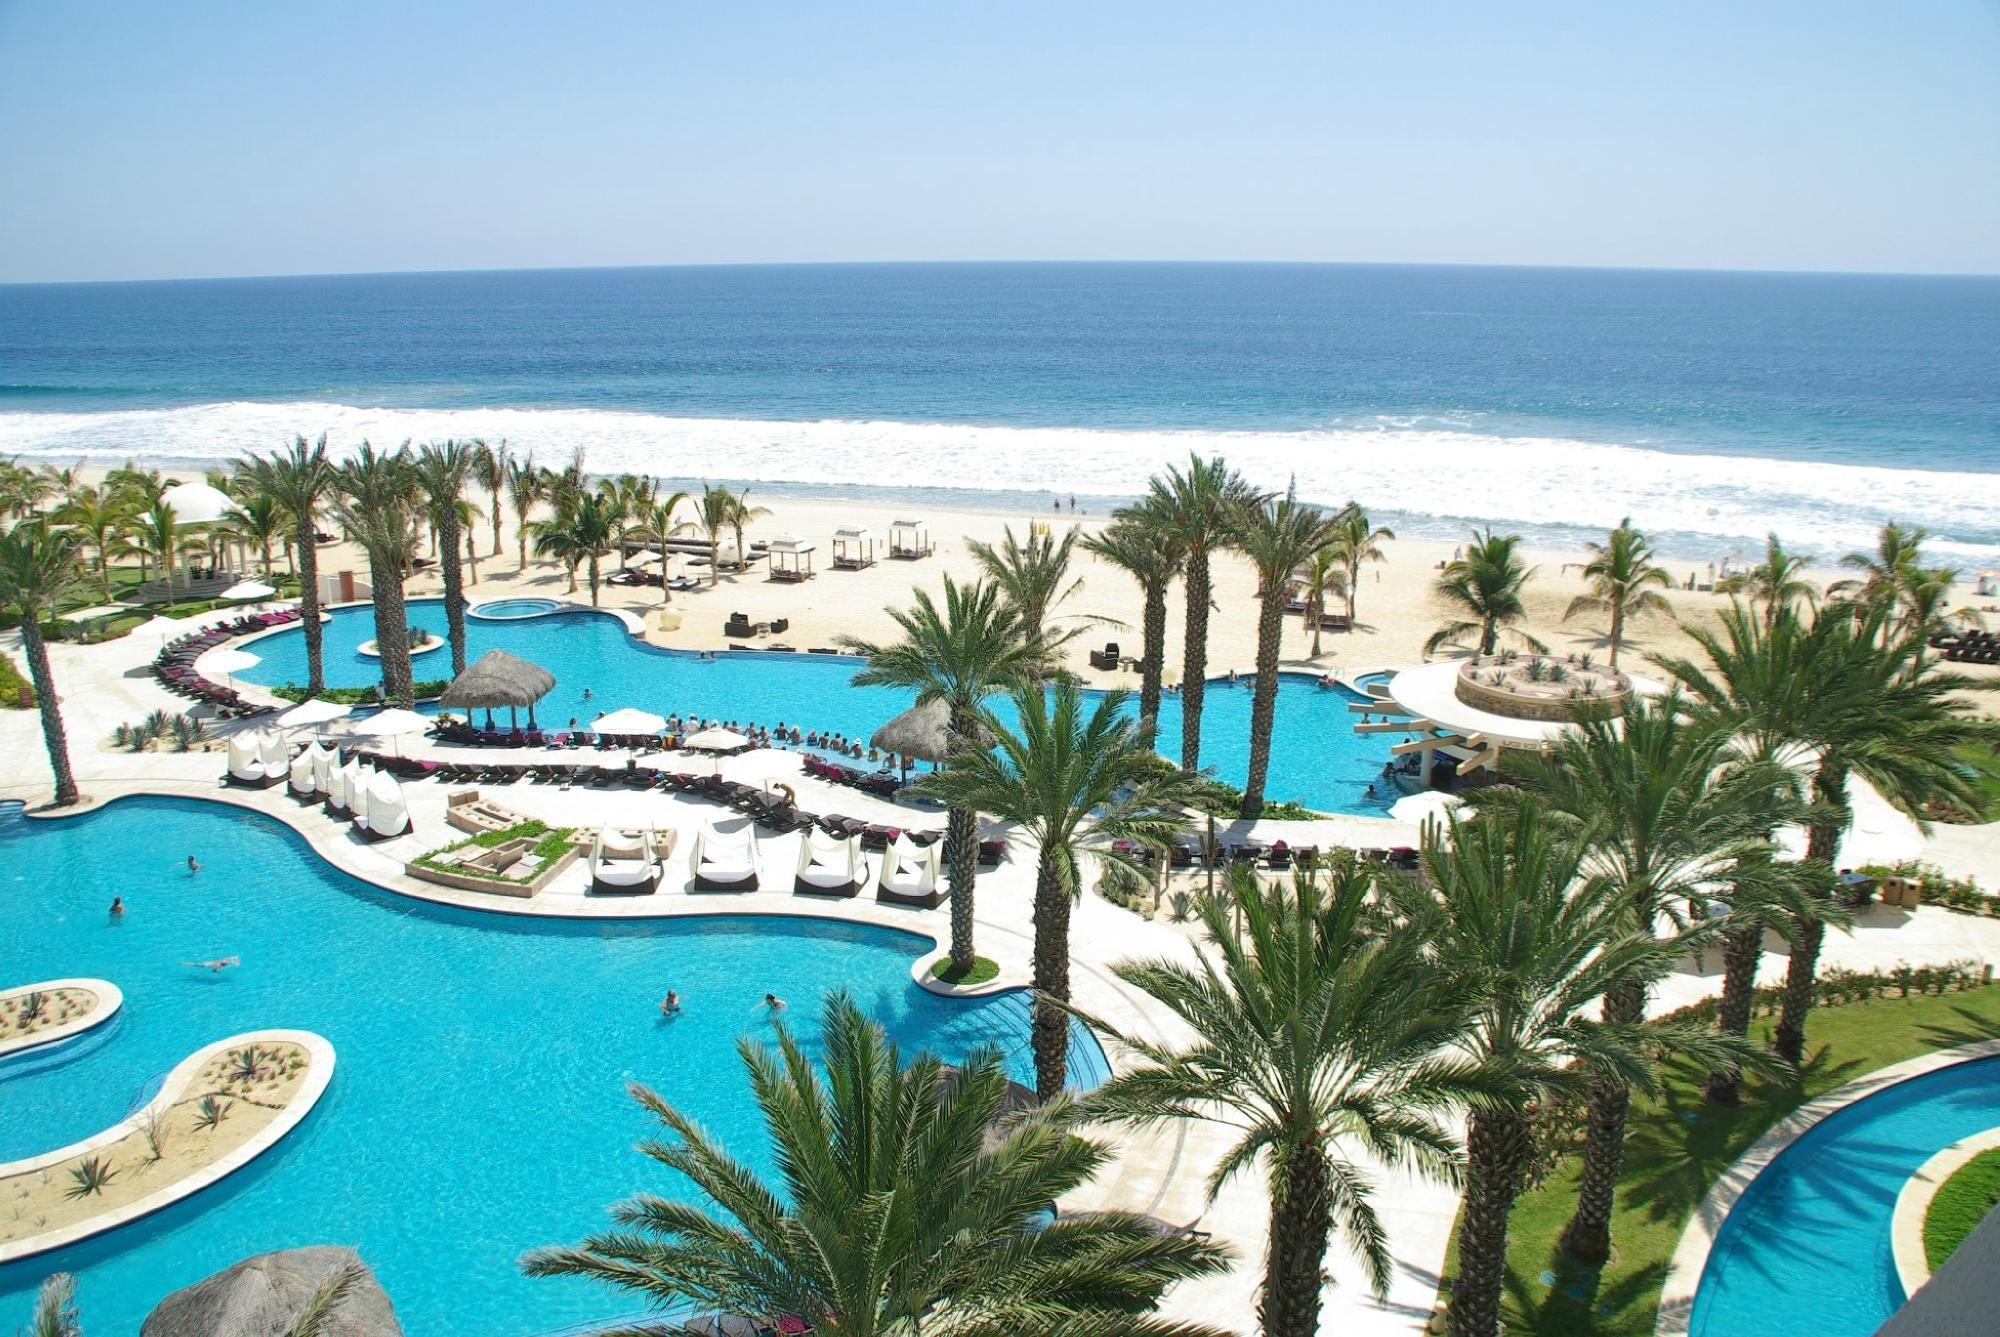 Hotel Hyatt Ziva Review Of Los Cabos San Jose Del Cabo